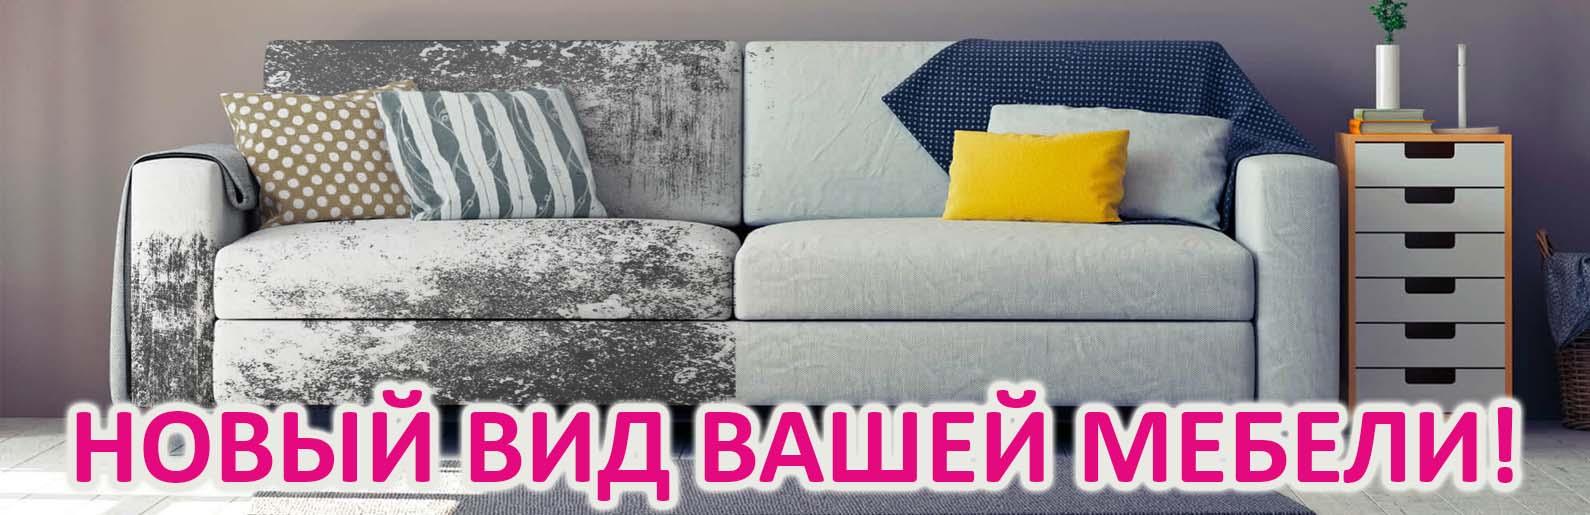 Ремонт, перетяжка, реставрация мебели в Калининграде и области